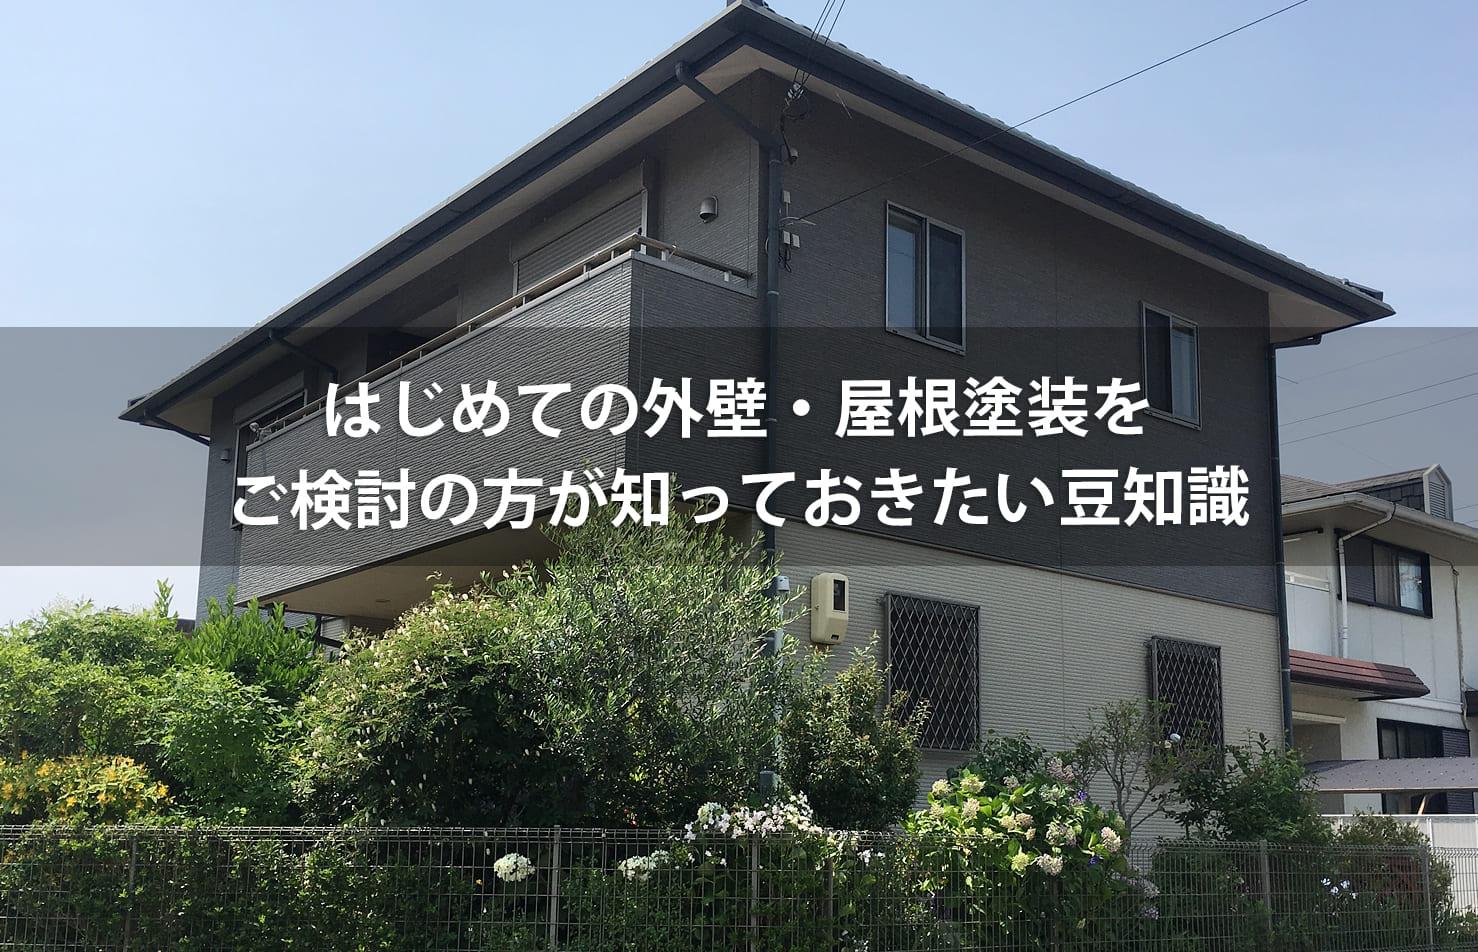 はじめての外壁・屋根塗装をご検討の方が知っておきたい豆知識